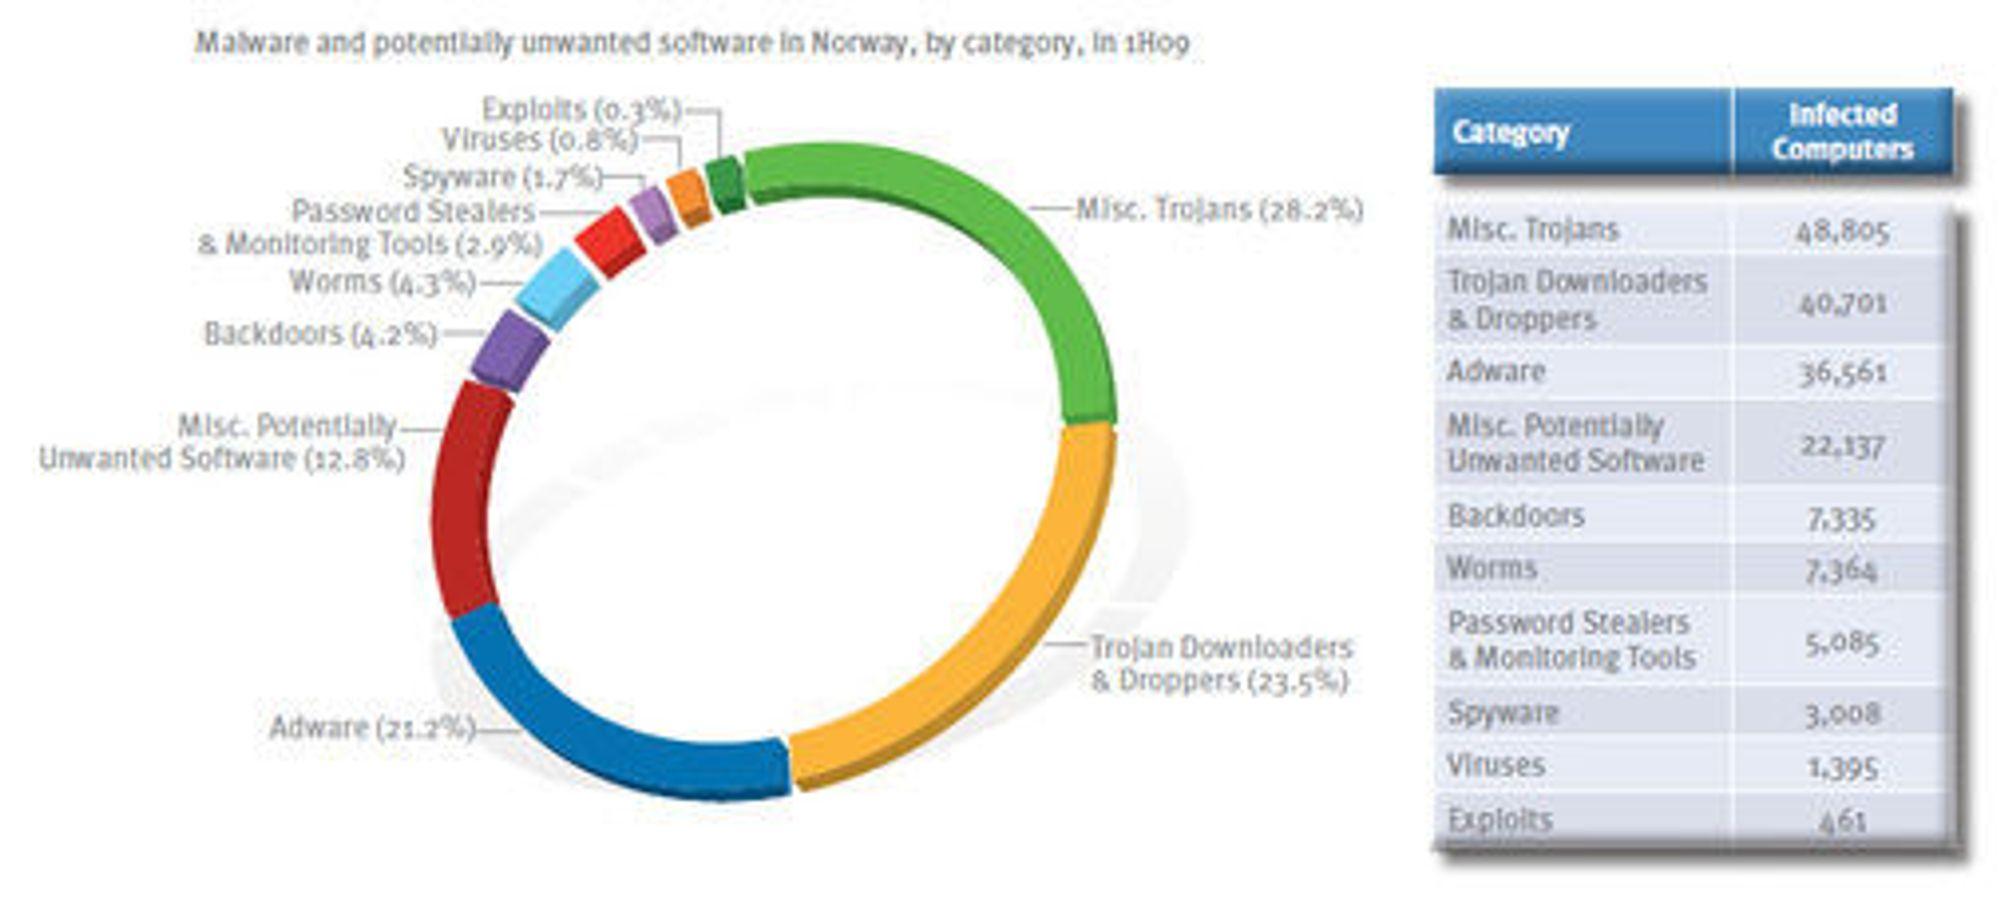 Skadevare i Norge i første halvdel av 2009, fordelt på type ifølge Microsoft.